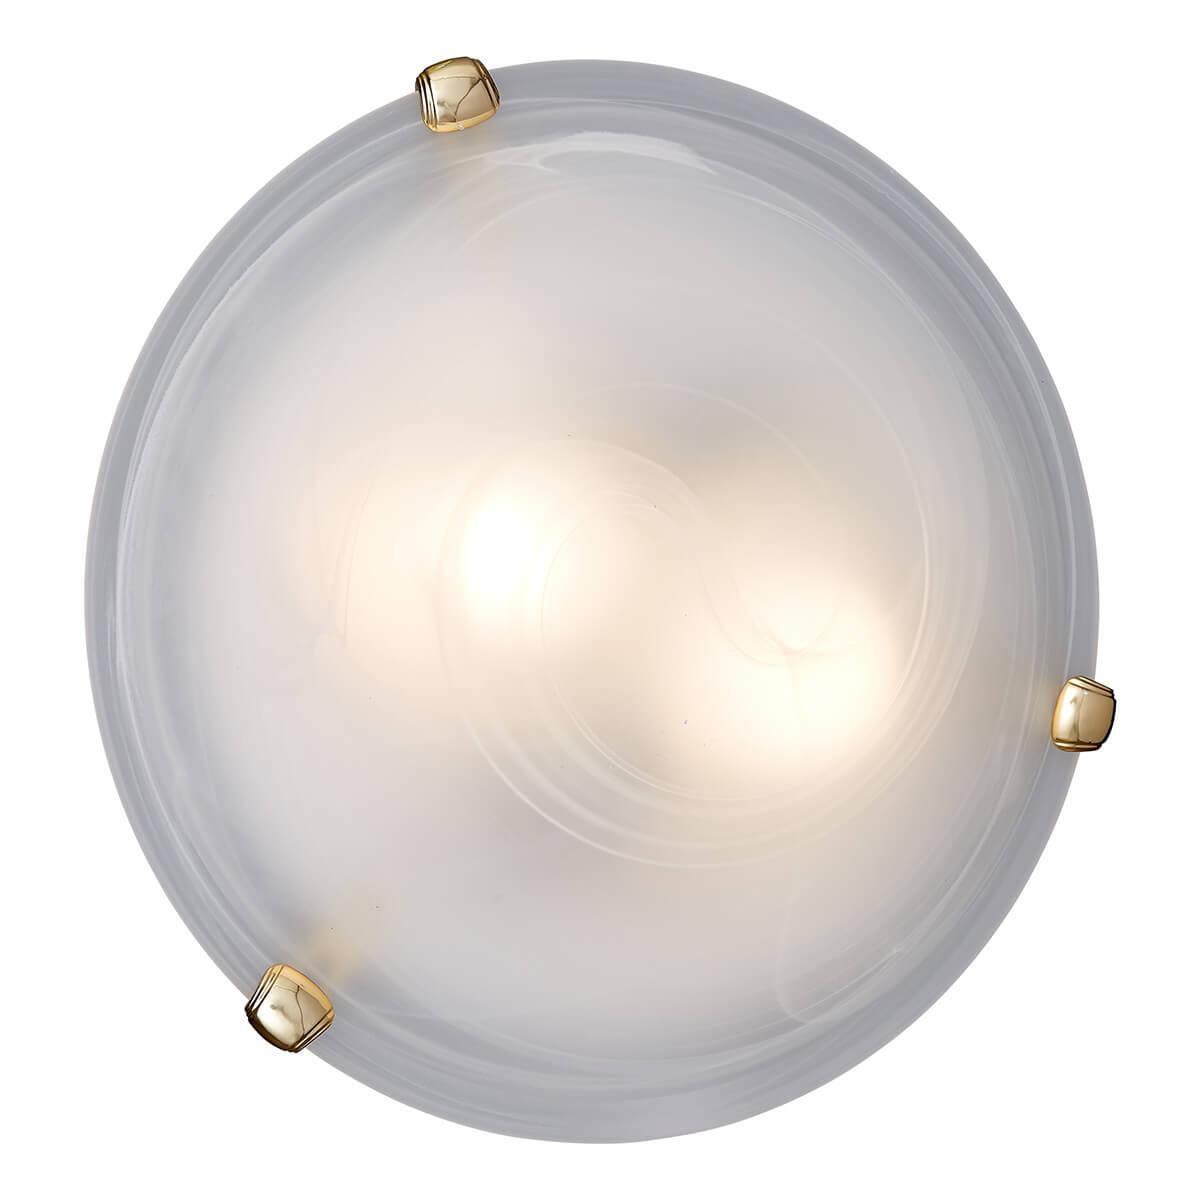 Потолочный светильник Sonex Duna 353 золото потолочный светильник sonex duna 353 хром